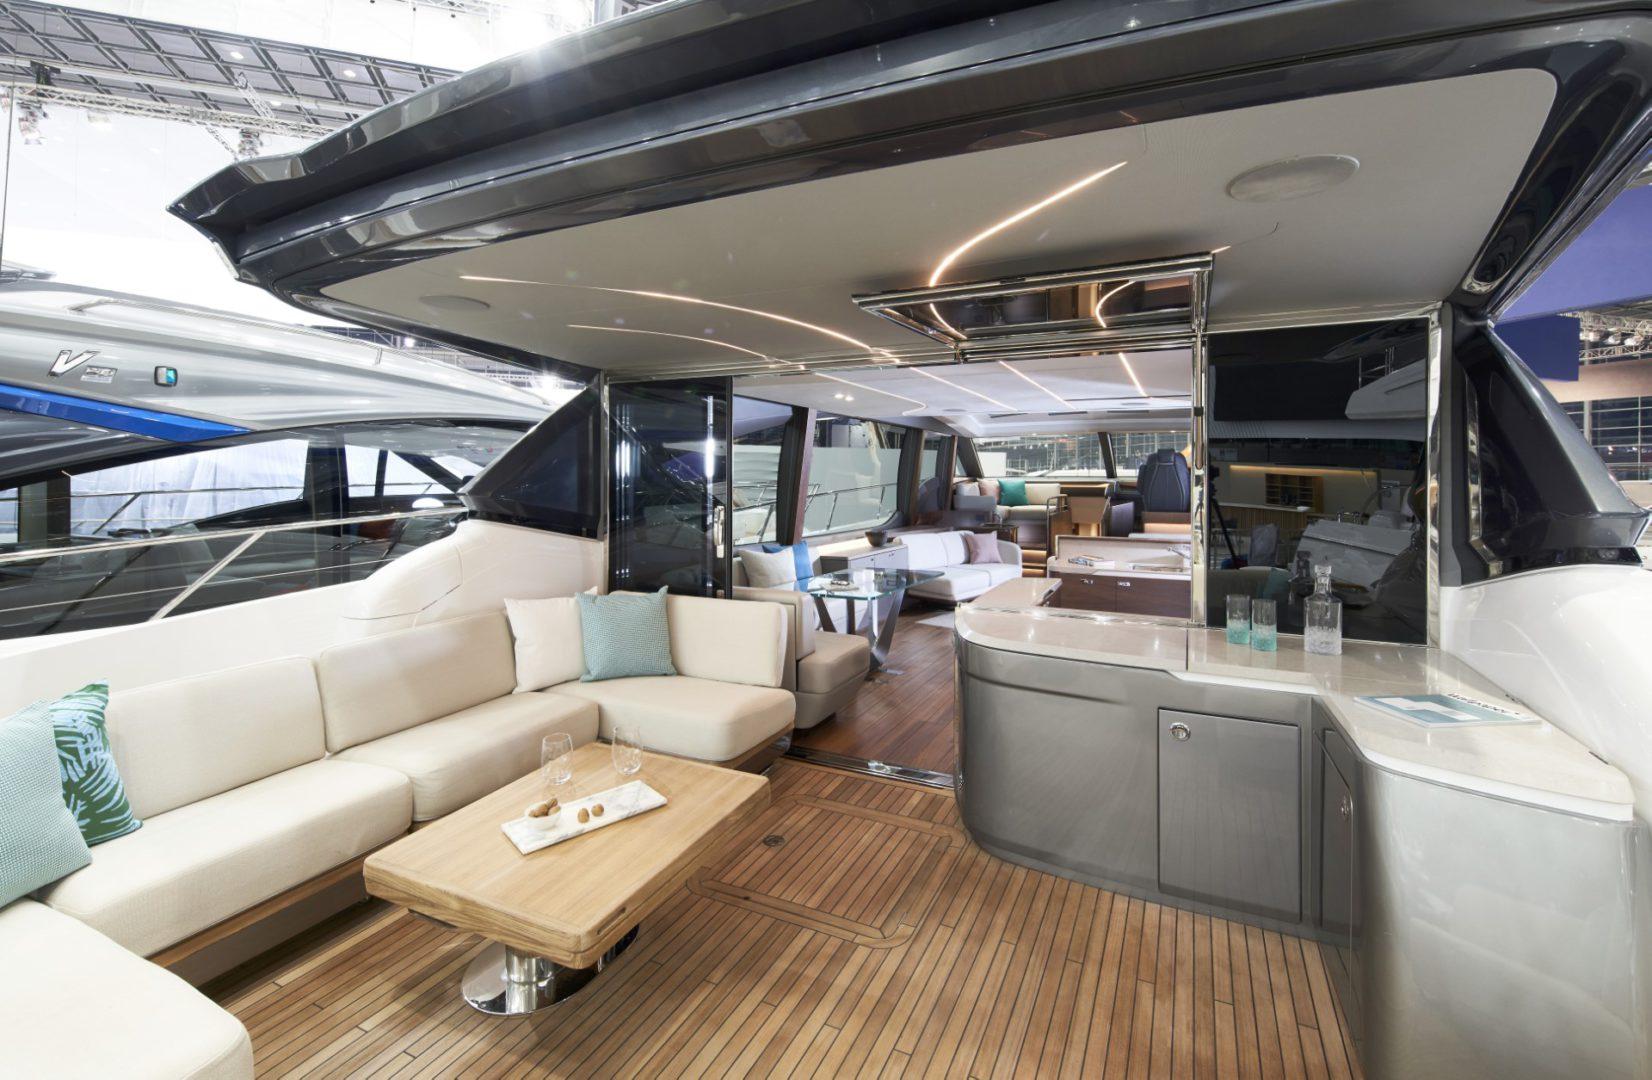 Princess V78 interior